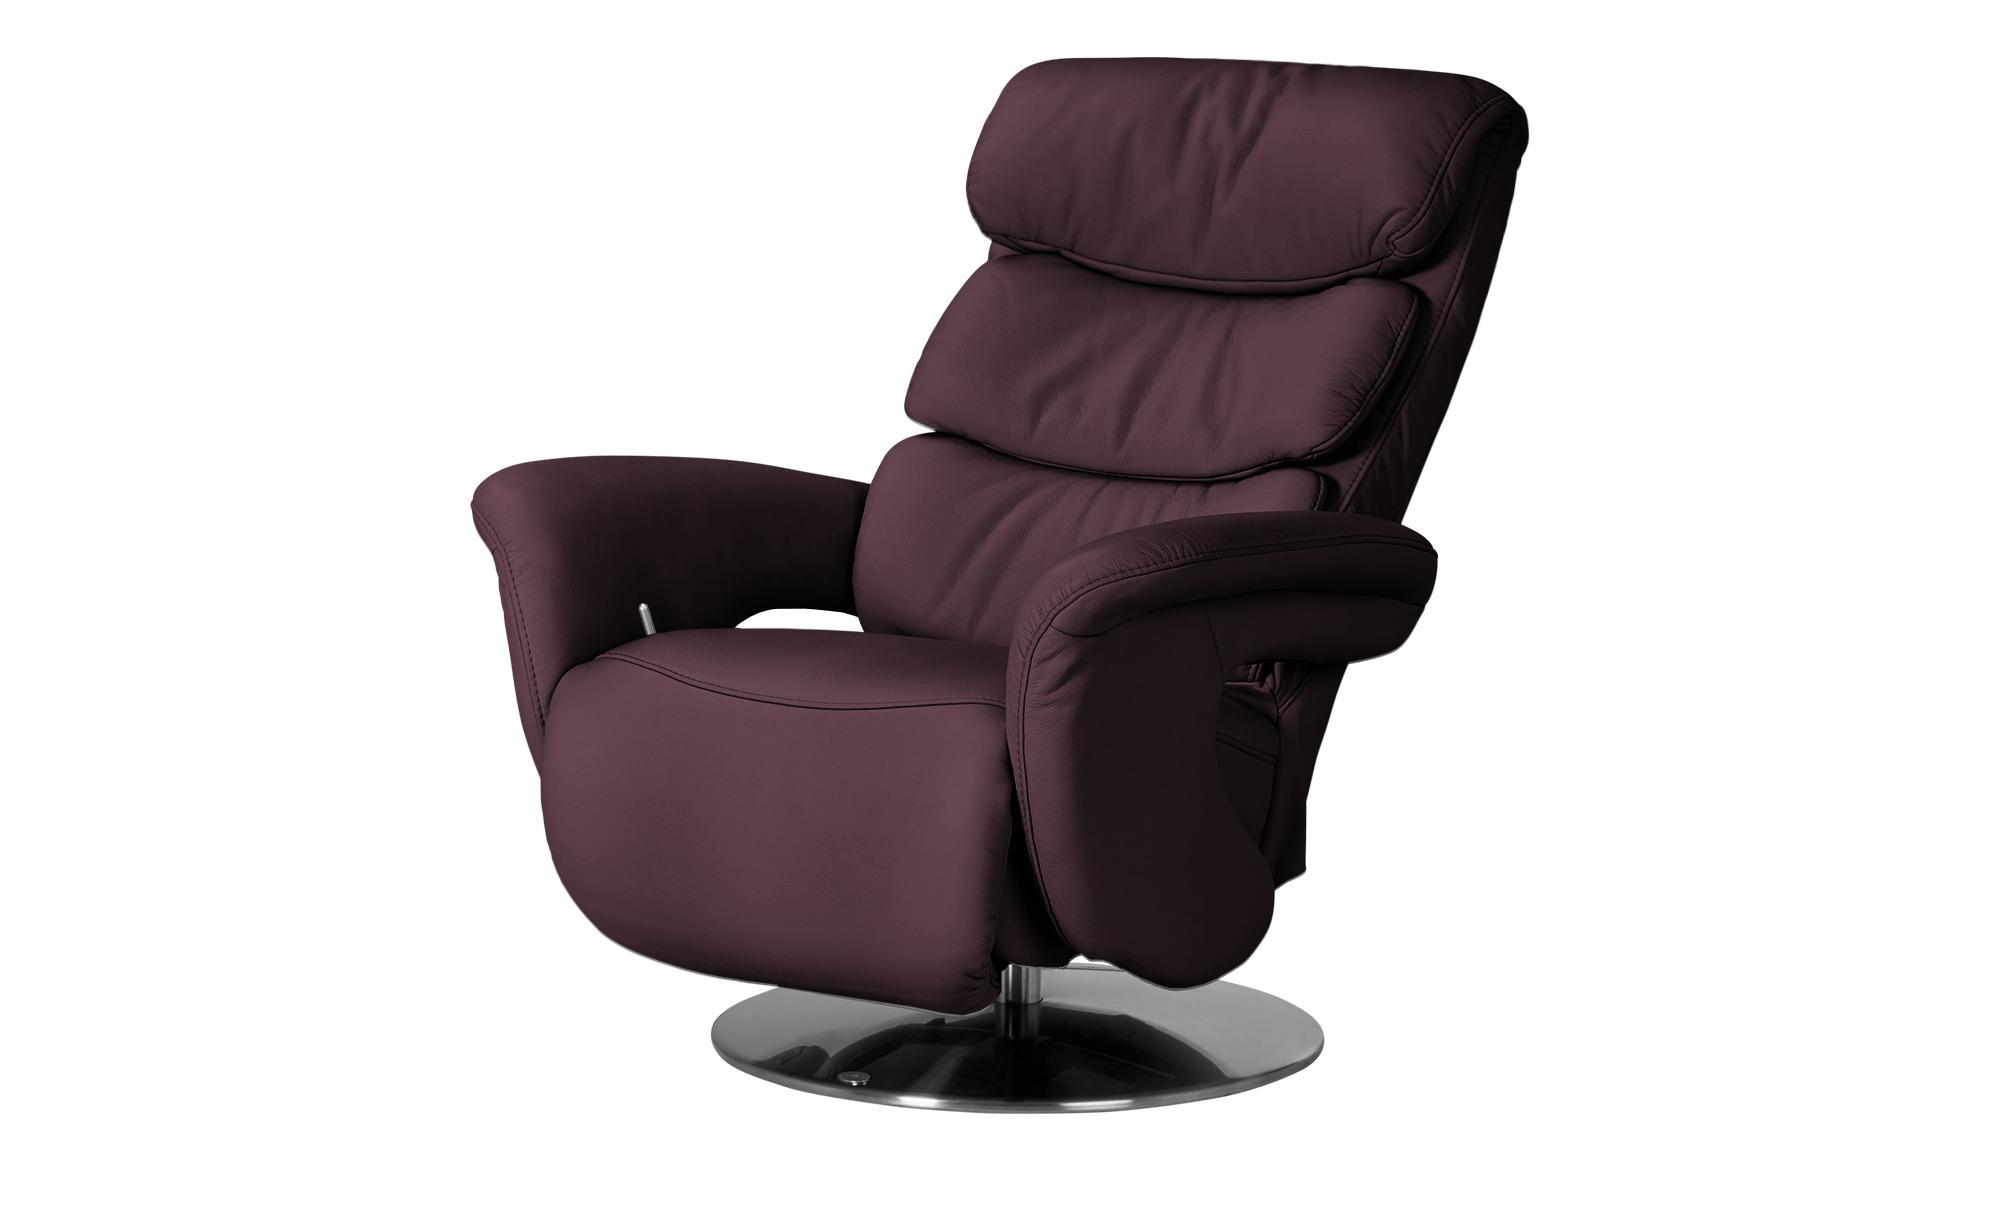 himolla Leder-Relaxsessel rot - Leder 7228 ¦ rot ¦ Maße (cm): B: 83 H: 109 T: 90 Polstermöbel > Sessel > Fernsehsessel - Höffner